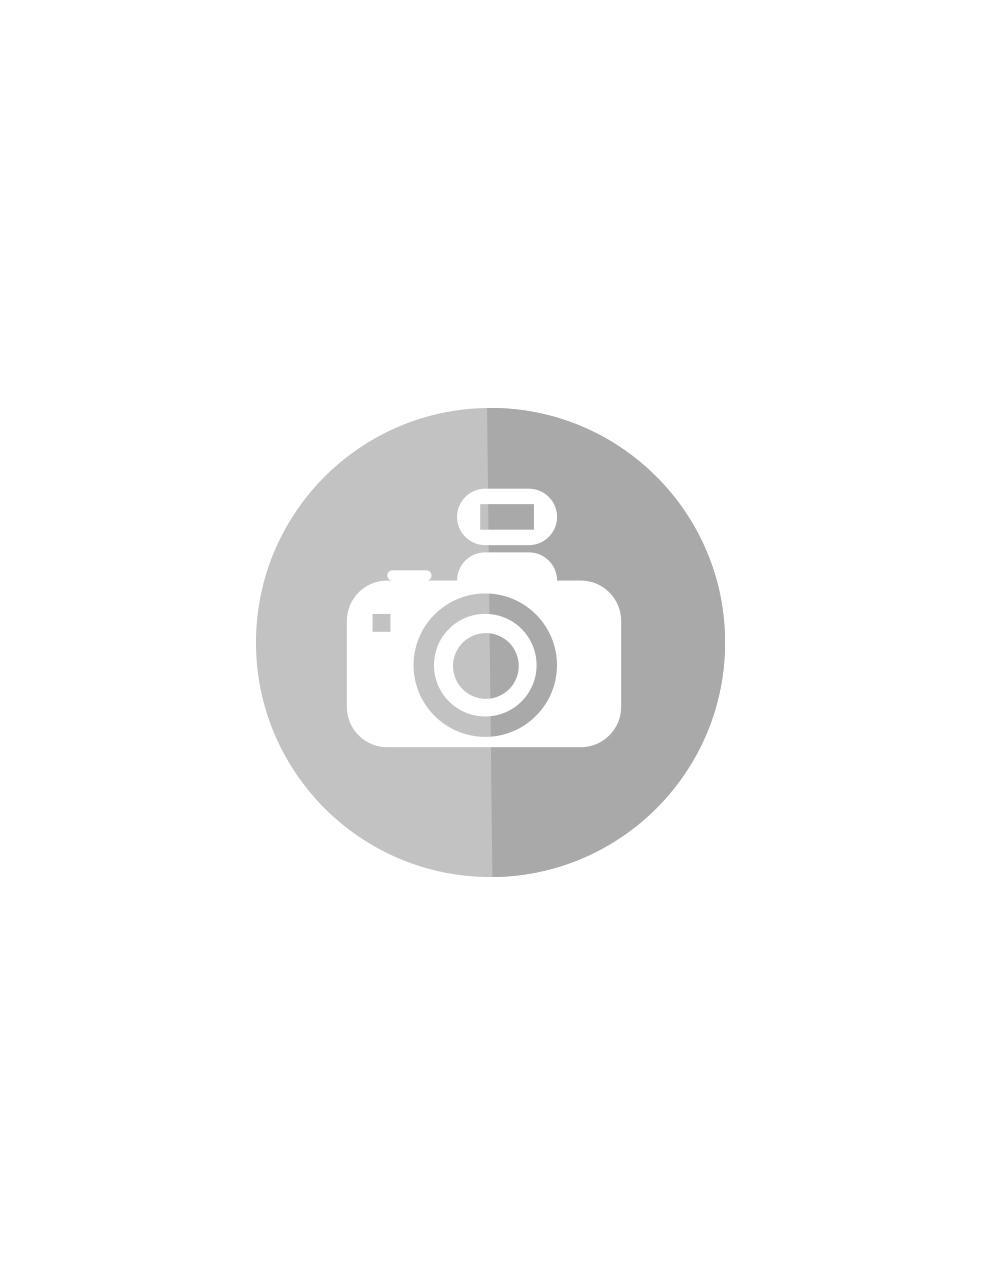 30884060_sparepart/Druckfeder